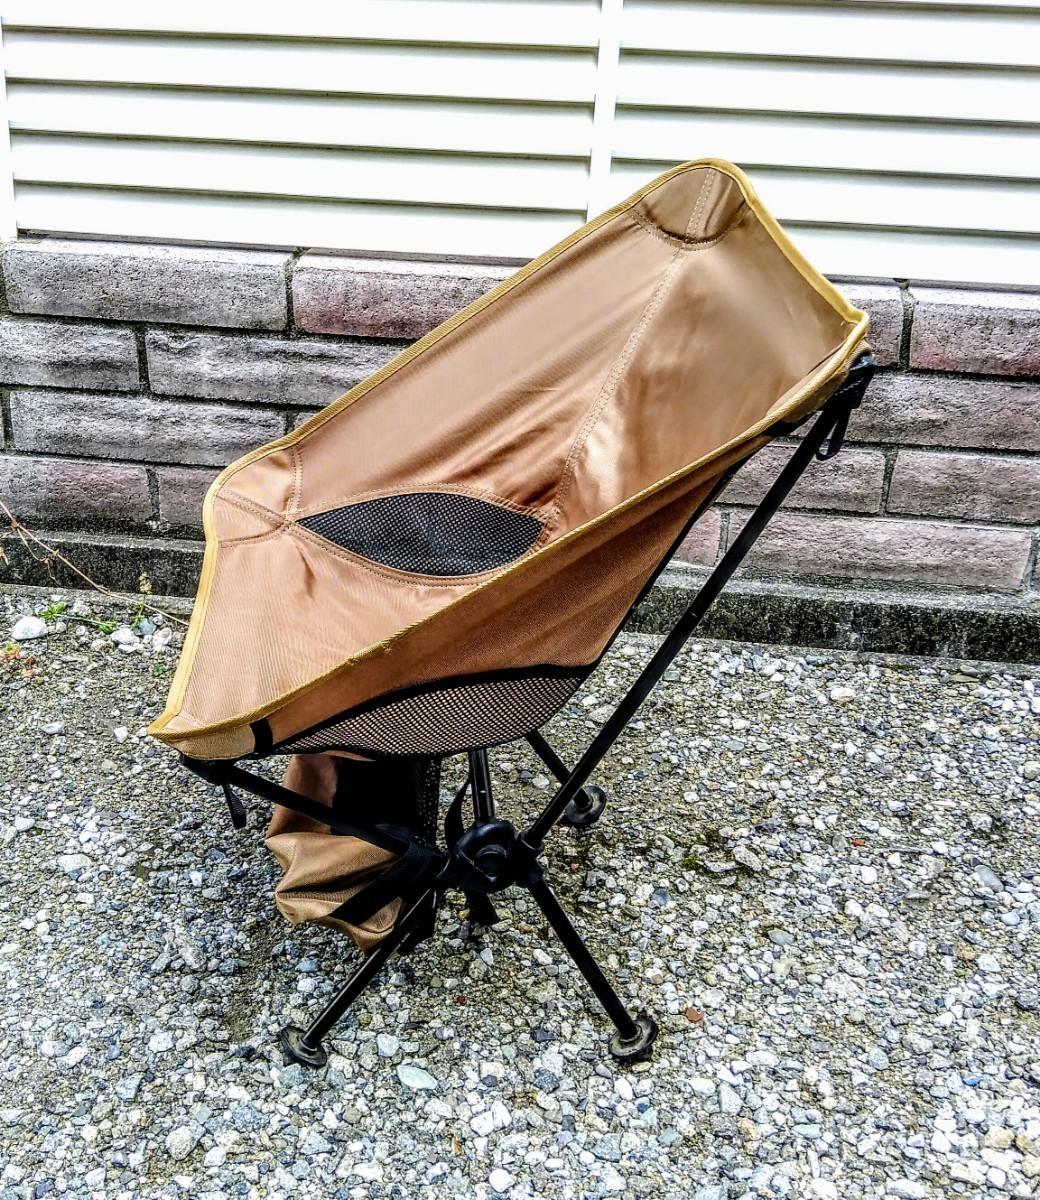 らくらく持ち運び アウトドアチェア 折りたたみ キャンプ椅子 破れあり